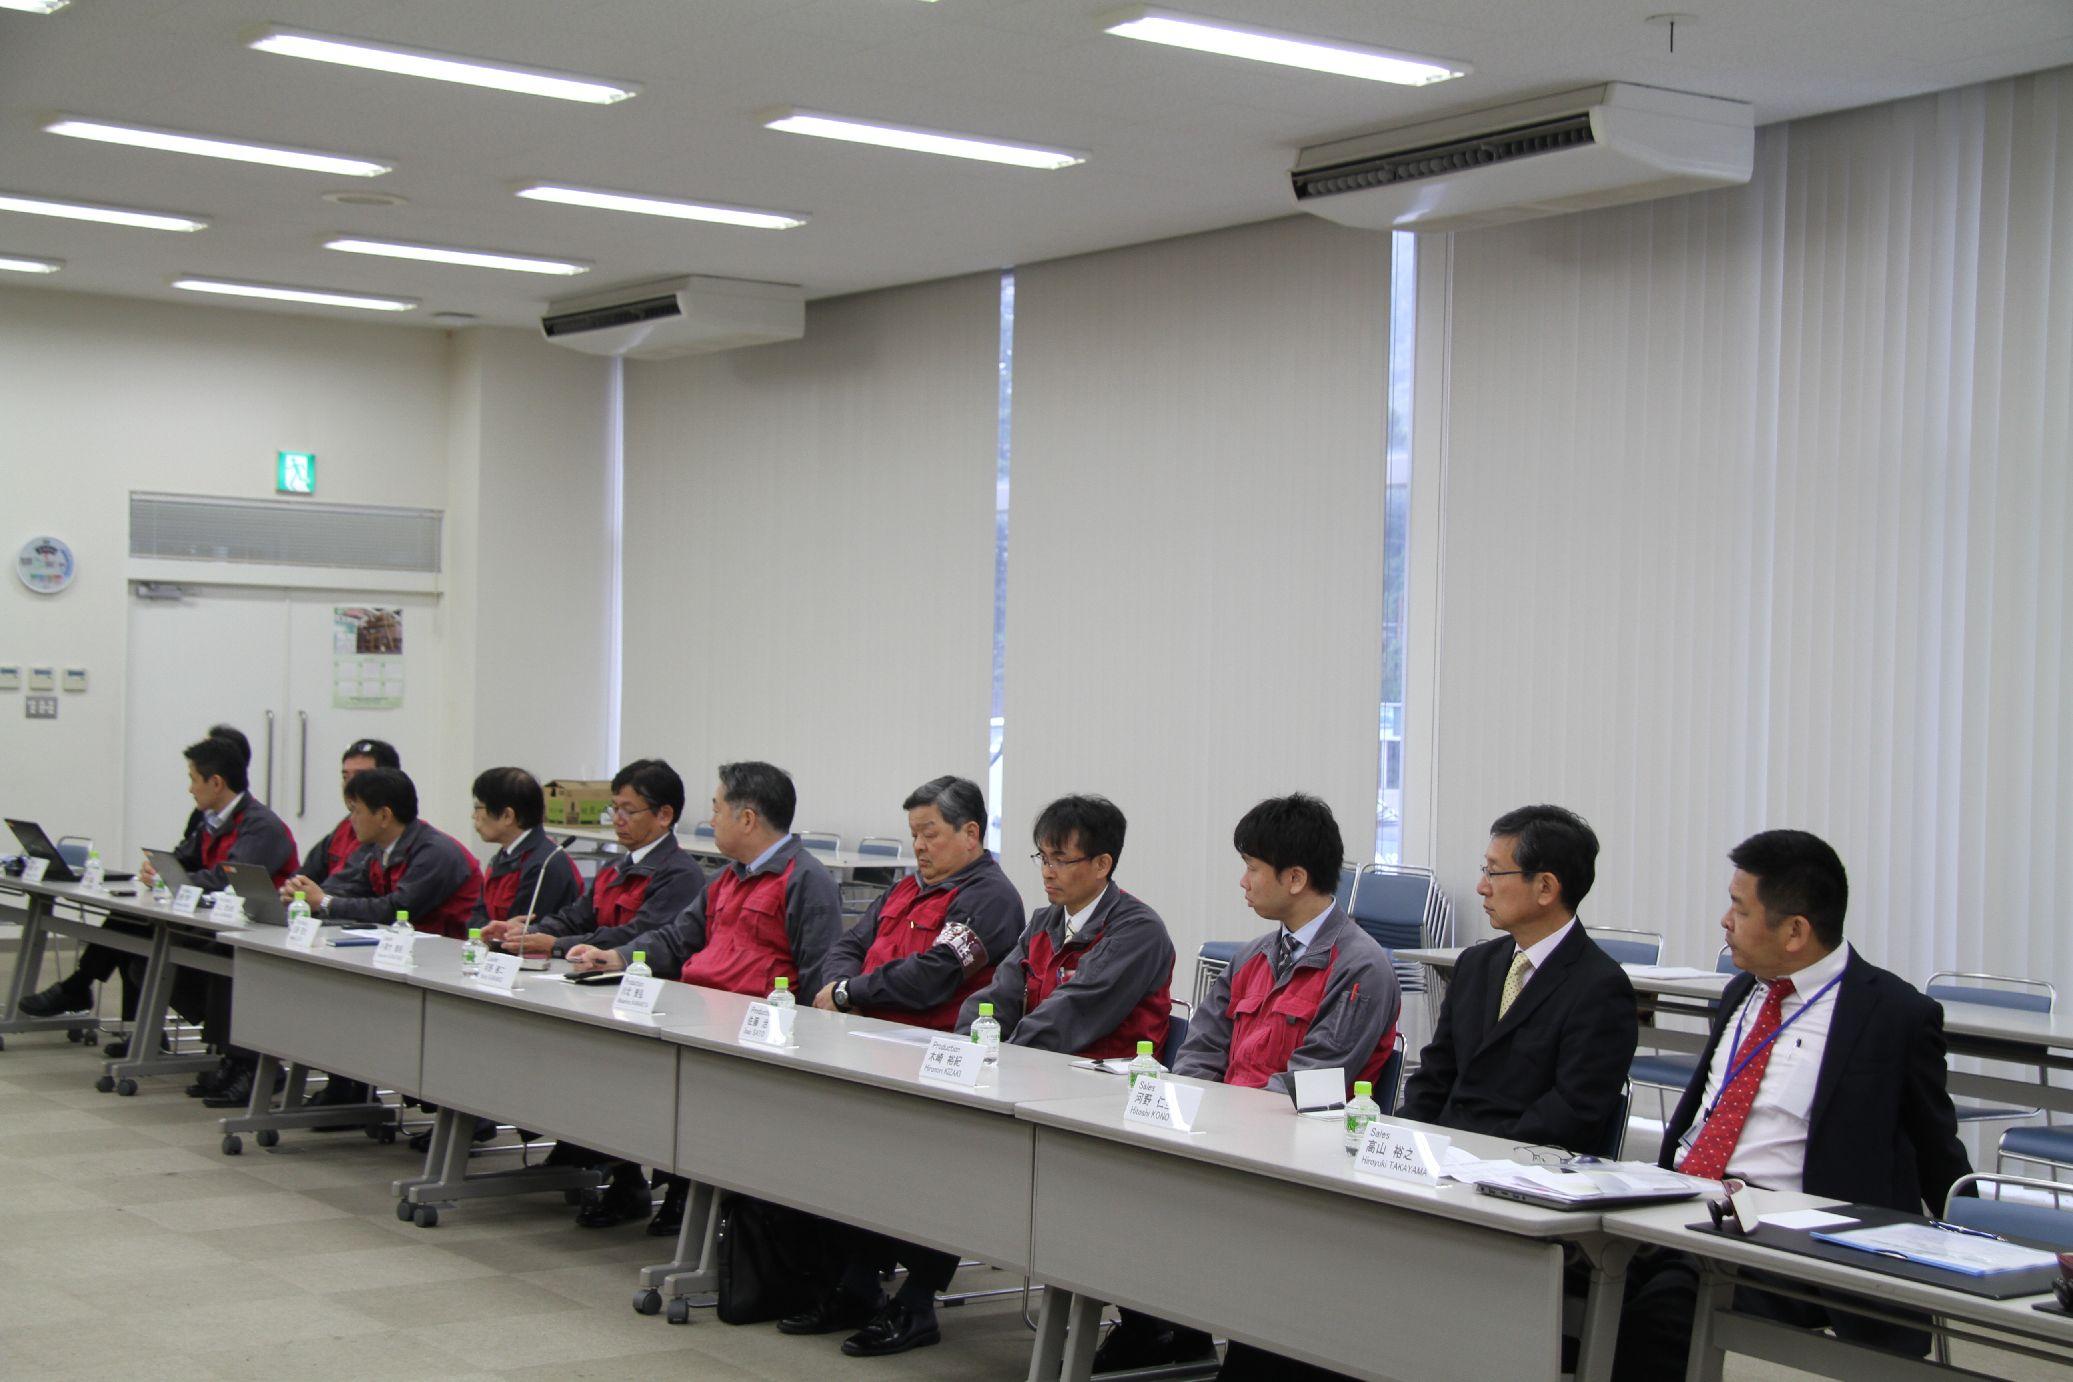 TSUNEISHI SHIPBUILDING members